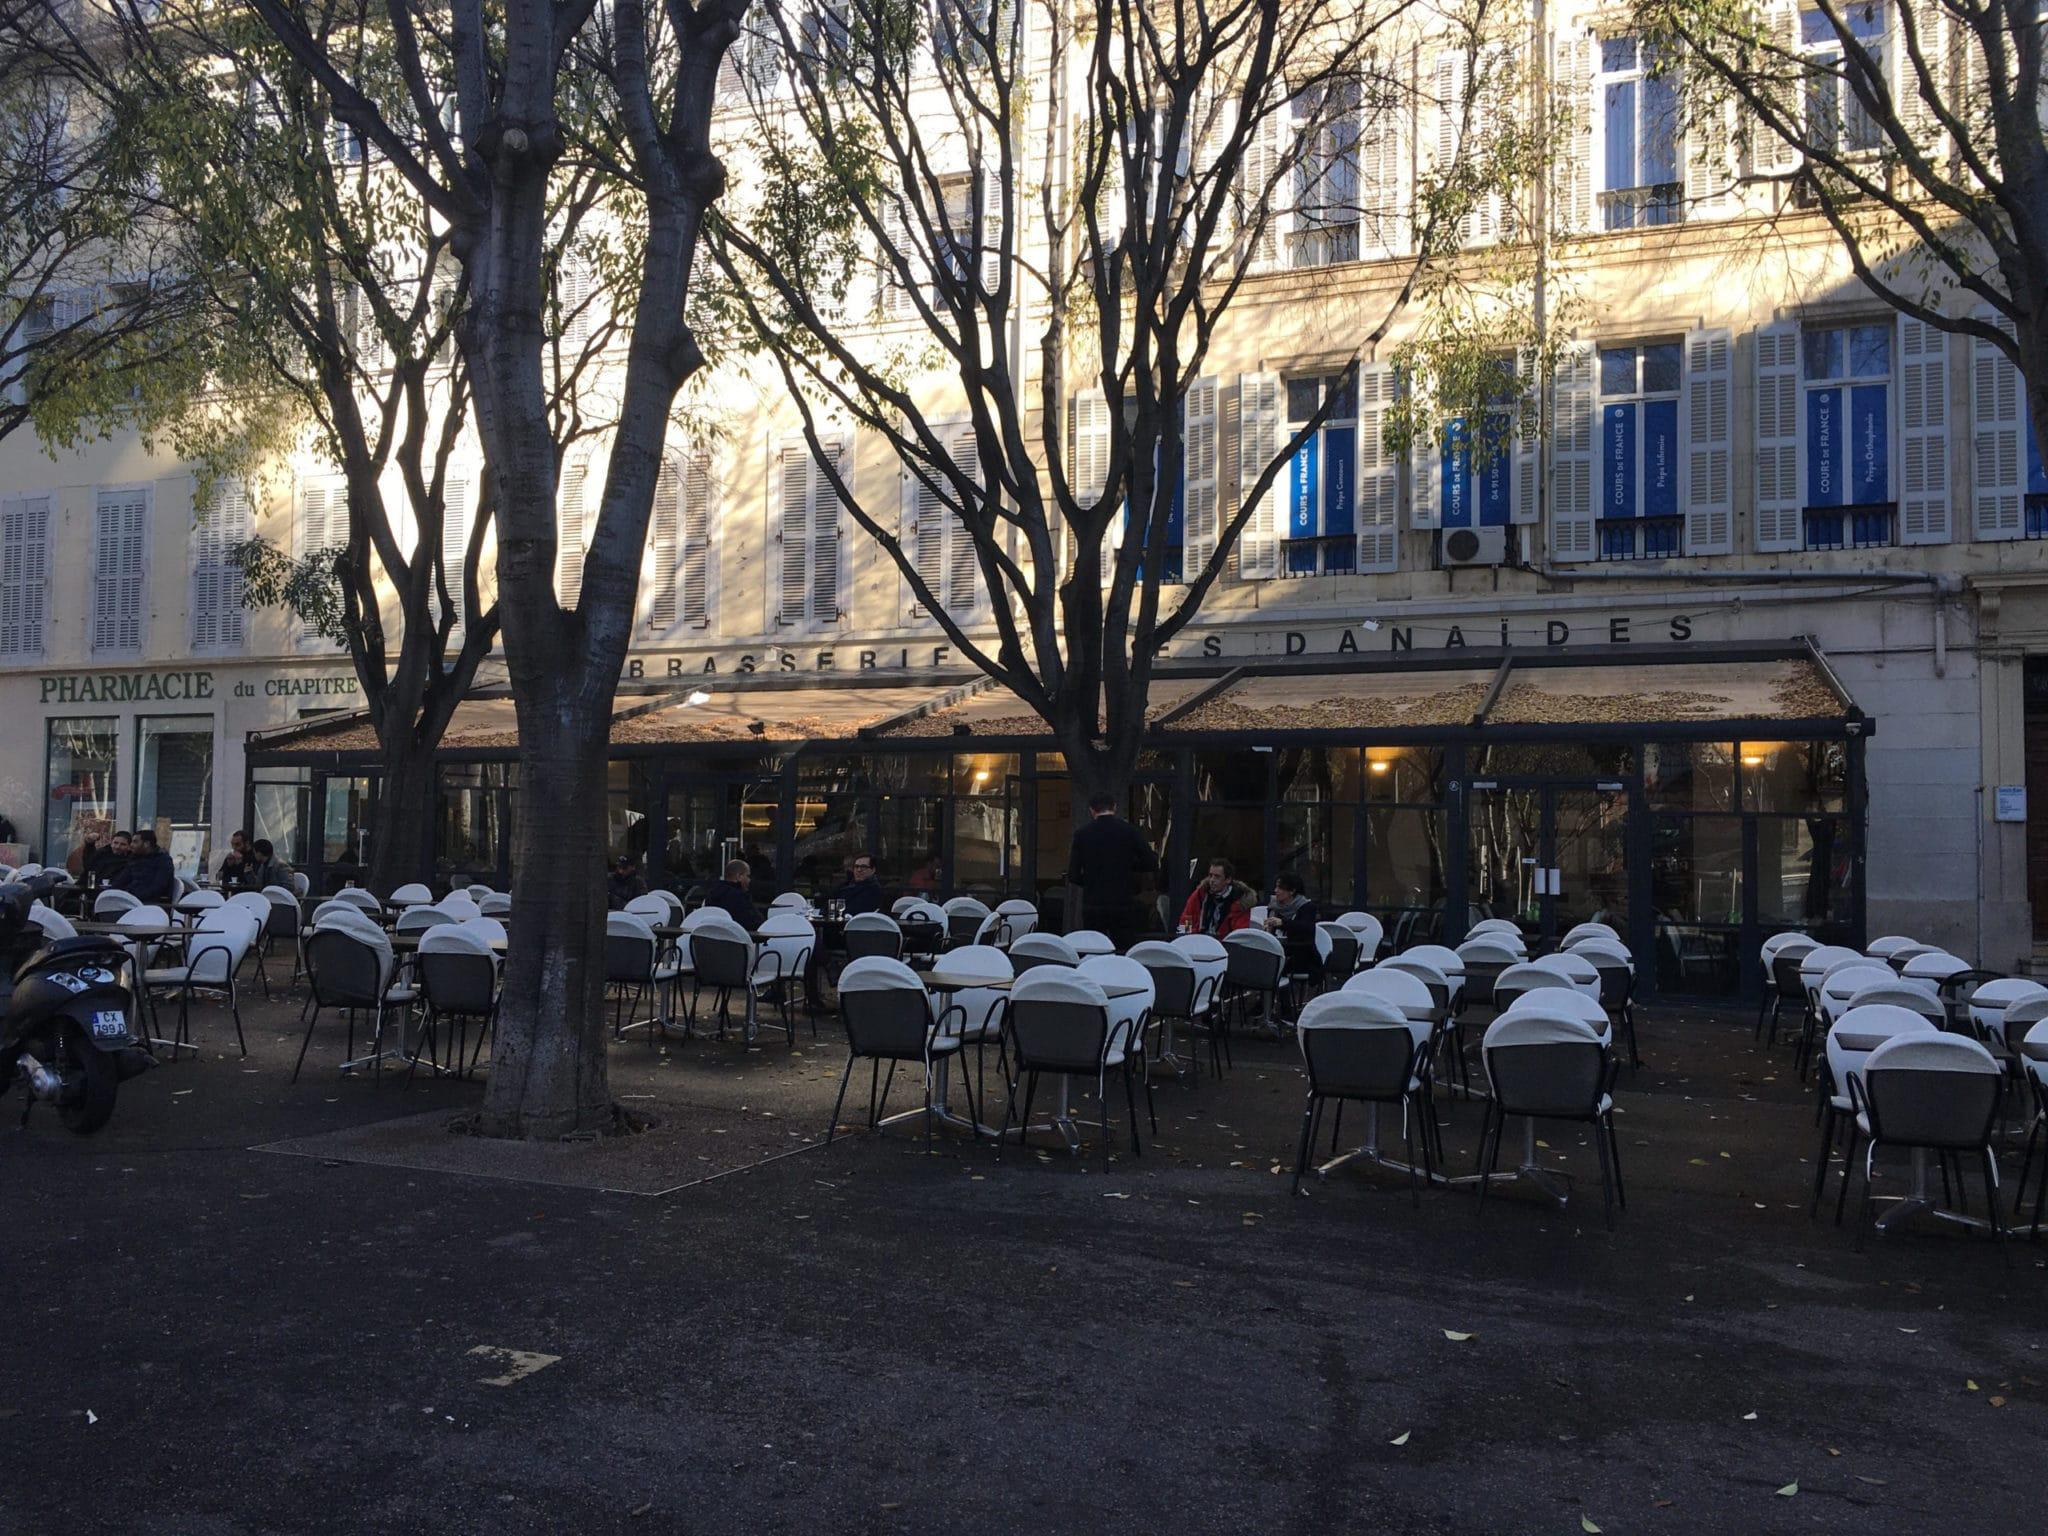 danaides terrasse plein centre